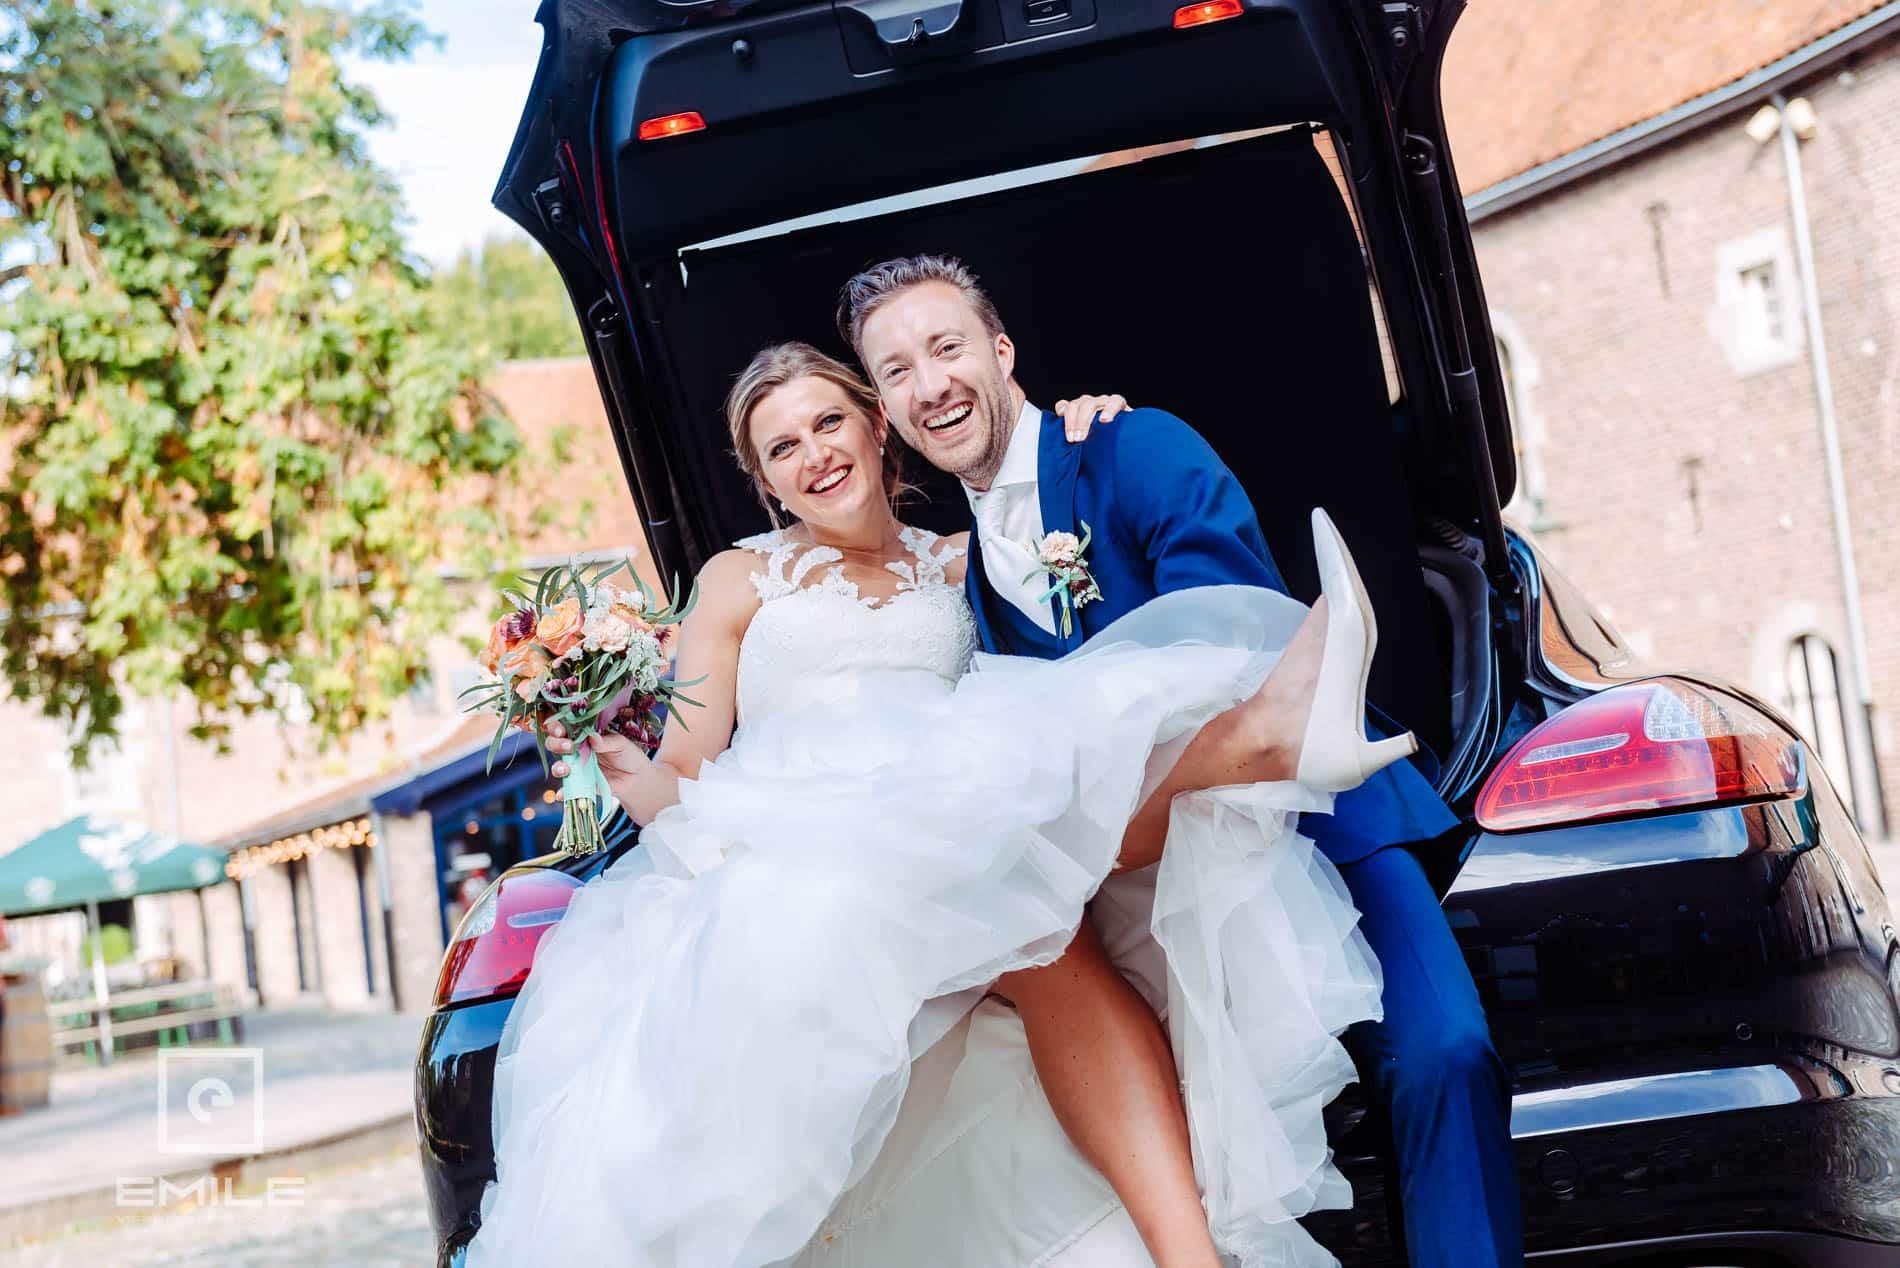 Bruidsfotograaf Kasteel Limbricht - bruidspaar samen in kofferbak van bruidsauto. Top foto!